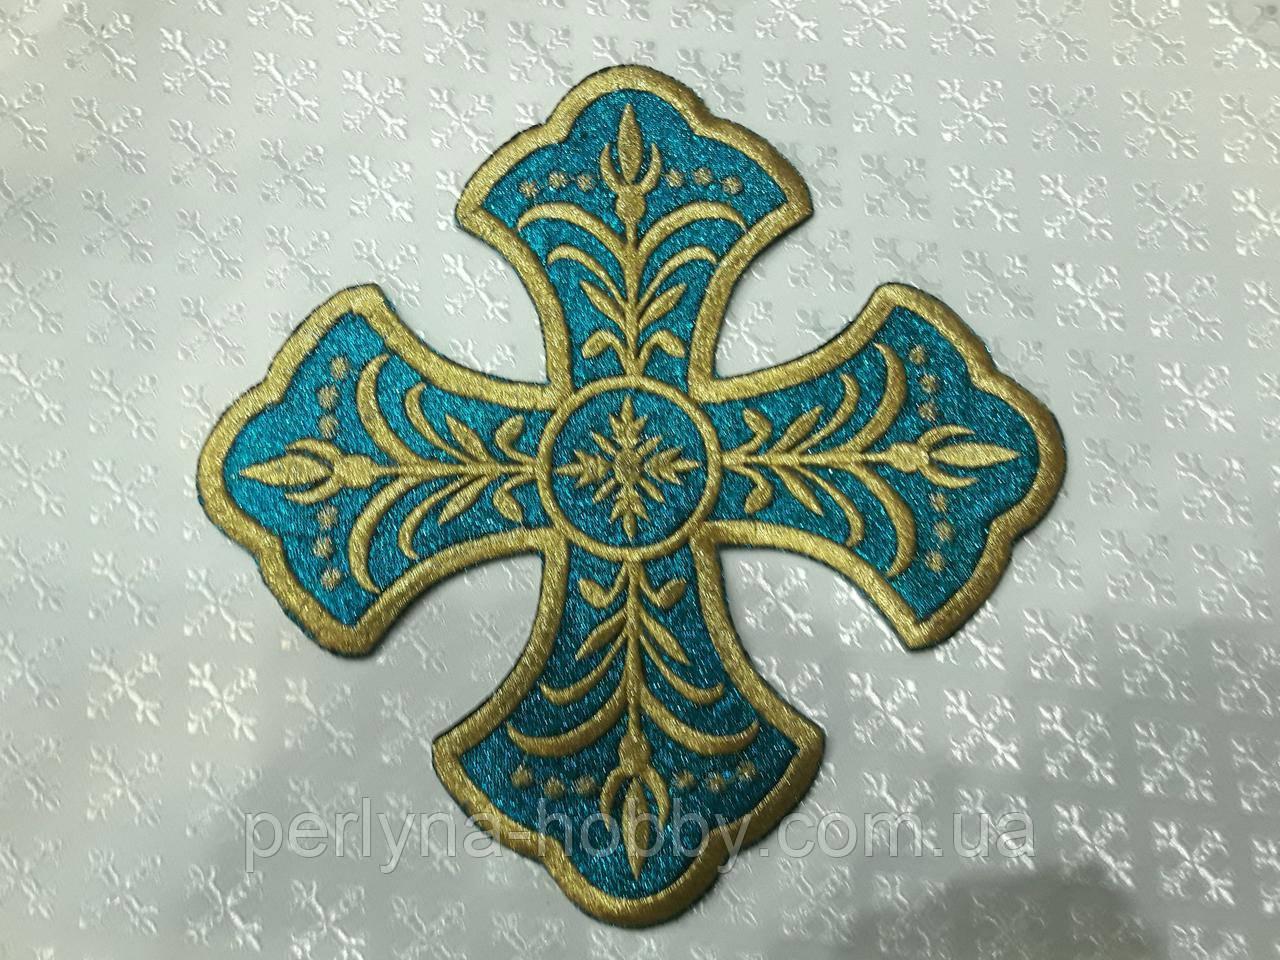 Крест для облачений большой Хрест для церковного одягу великий  23 на 23 см срібний з золотом